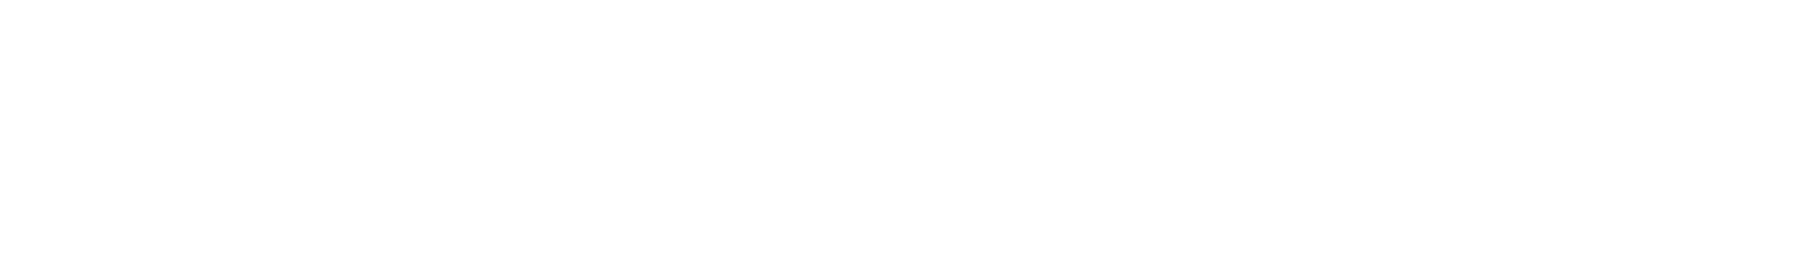 vfx1 atmos 26